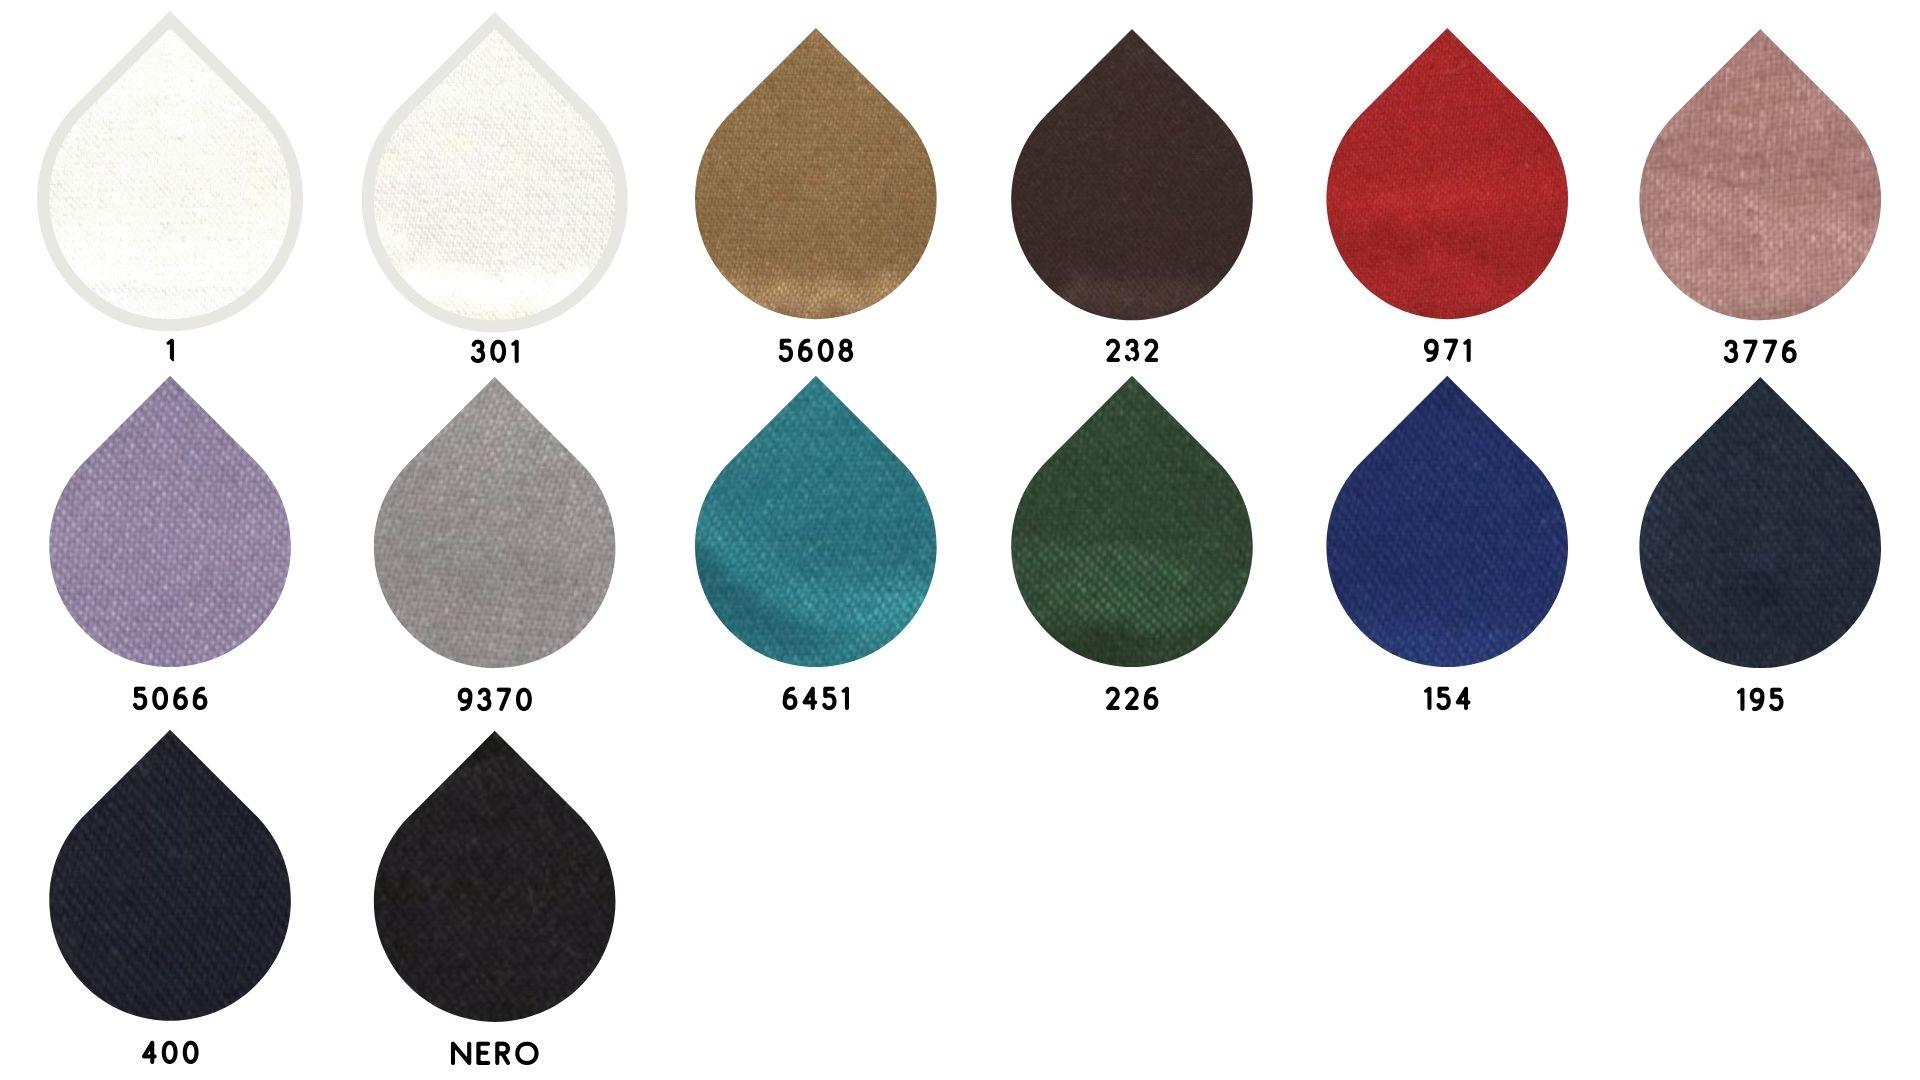 la cartella colore del tessuto parsifal di Leadford & Logan